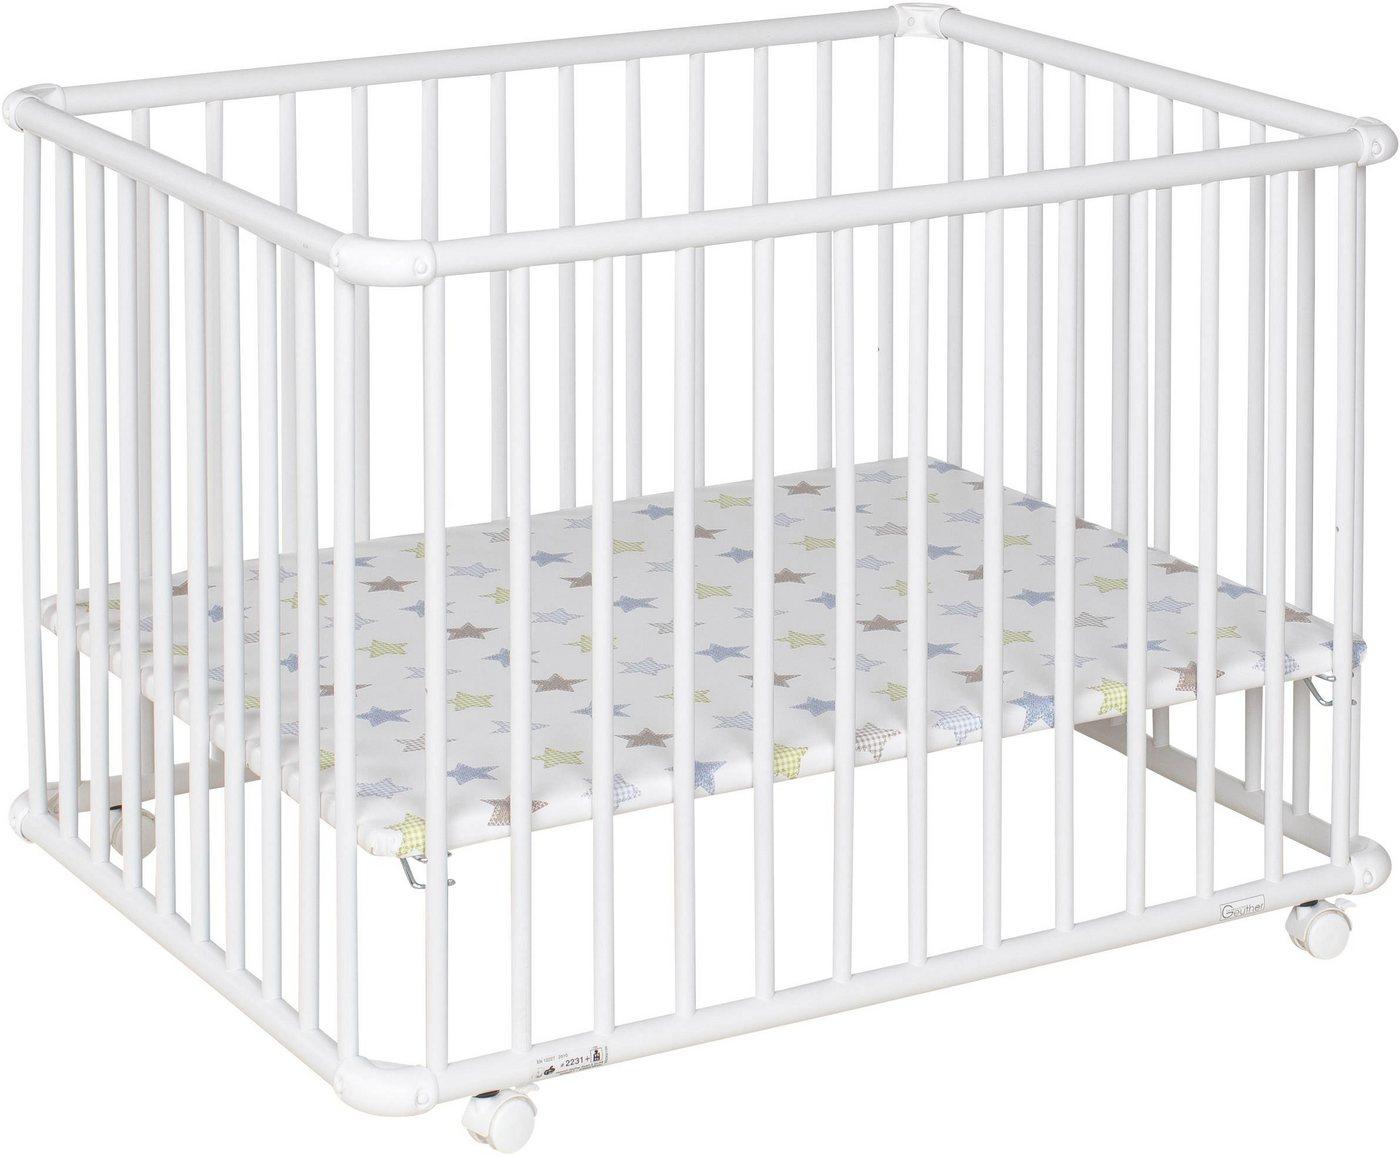 Geuther Laufgitter »Belami Plus, weiß, 76x97 cm«, mit Folienboden 032 | Kinderzimmer > Babymöbel > Lauf- & Schutzgitter | Weiß | Buche - Lackiert - Spanplatte | Geuther